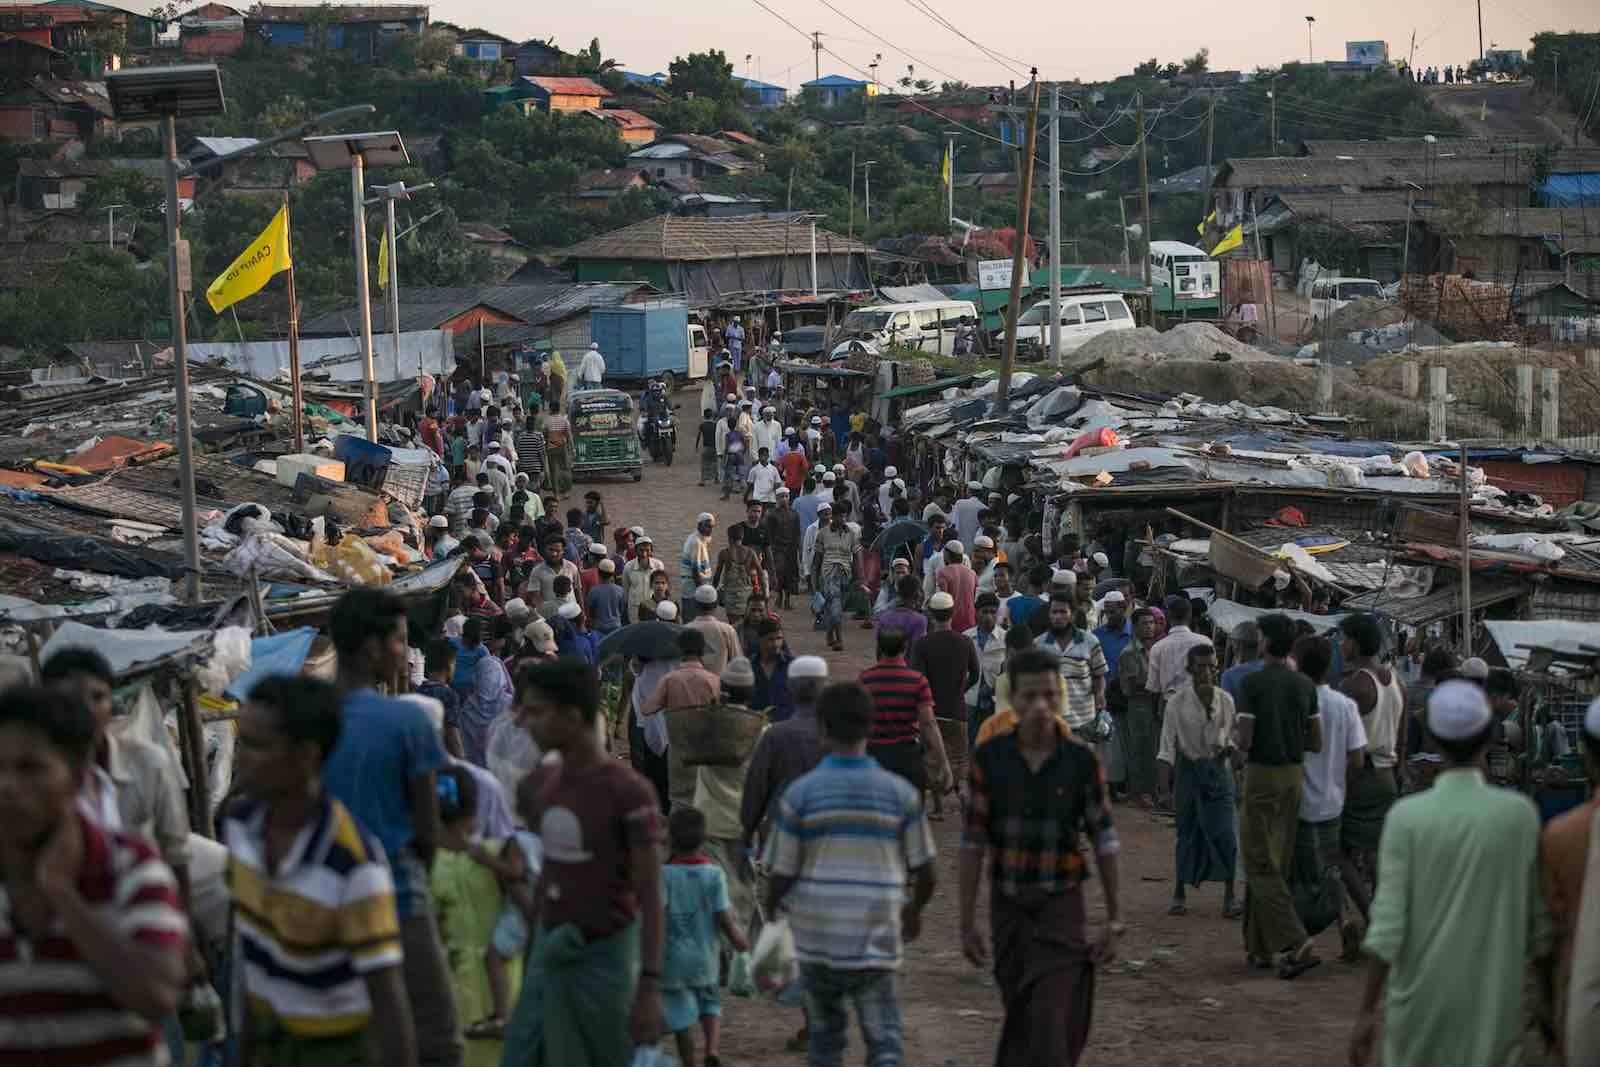 উখিয়ায় ক্যাম্প বাজারে মিয়ানমারে অবৈধপণ্যে সয়লাব : নির্বিকার প্রশাসন